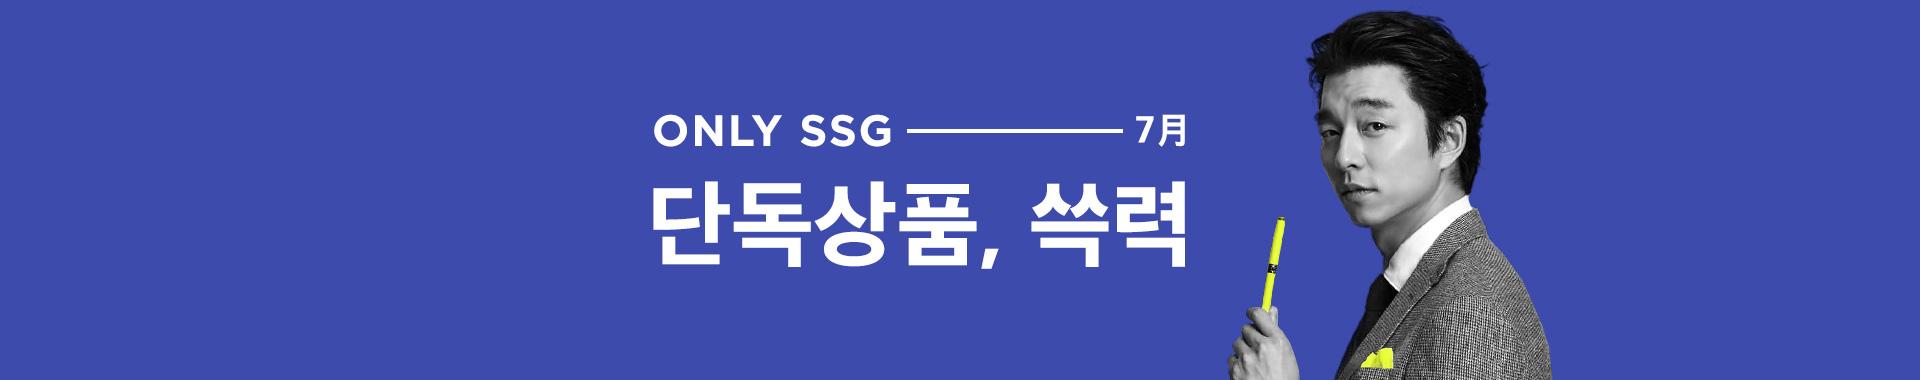 SSG.COM에만 있는 특별한 상품들을 매월 만나보세요